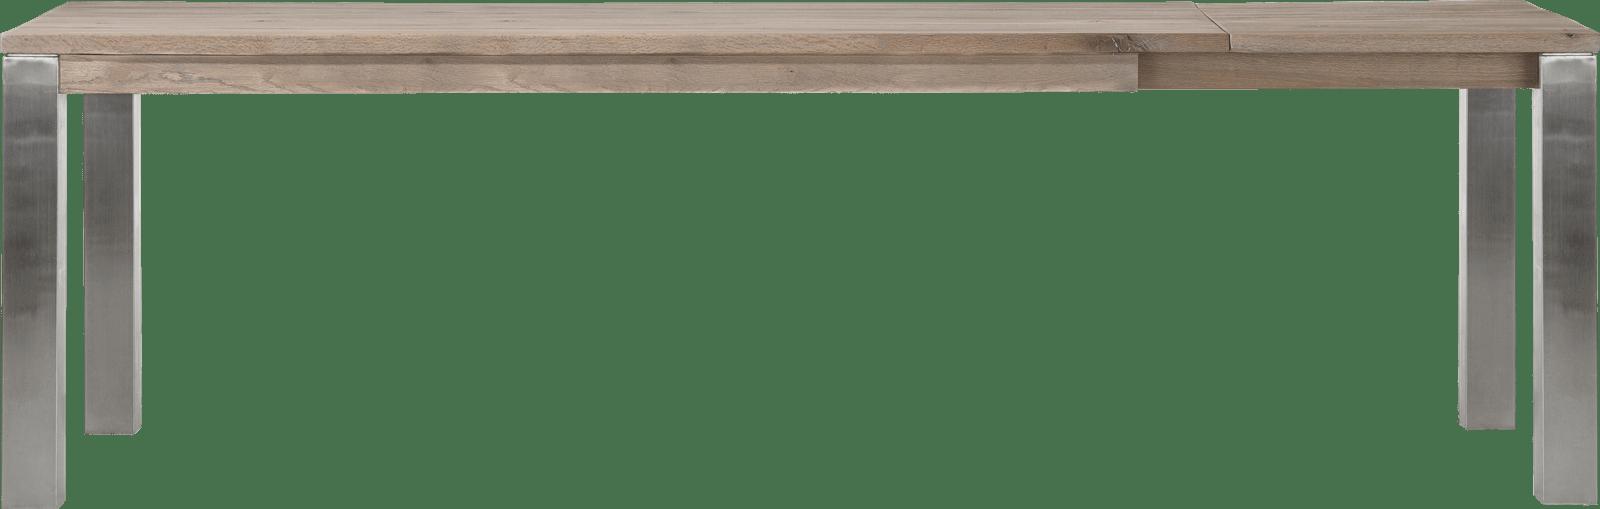 Masters - uitschuiftafel 100 (+ 60) x 200 cm - rvs 9x9